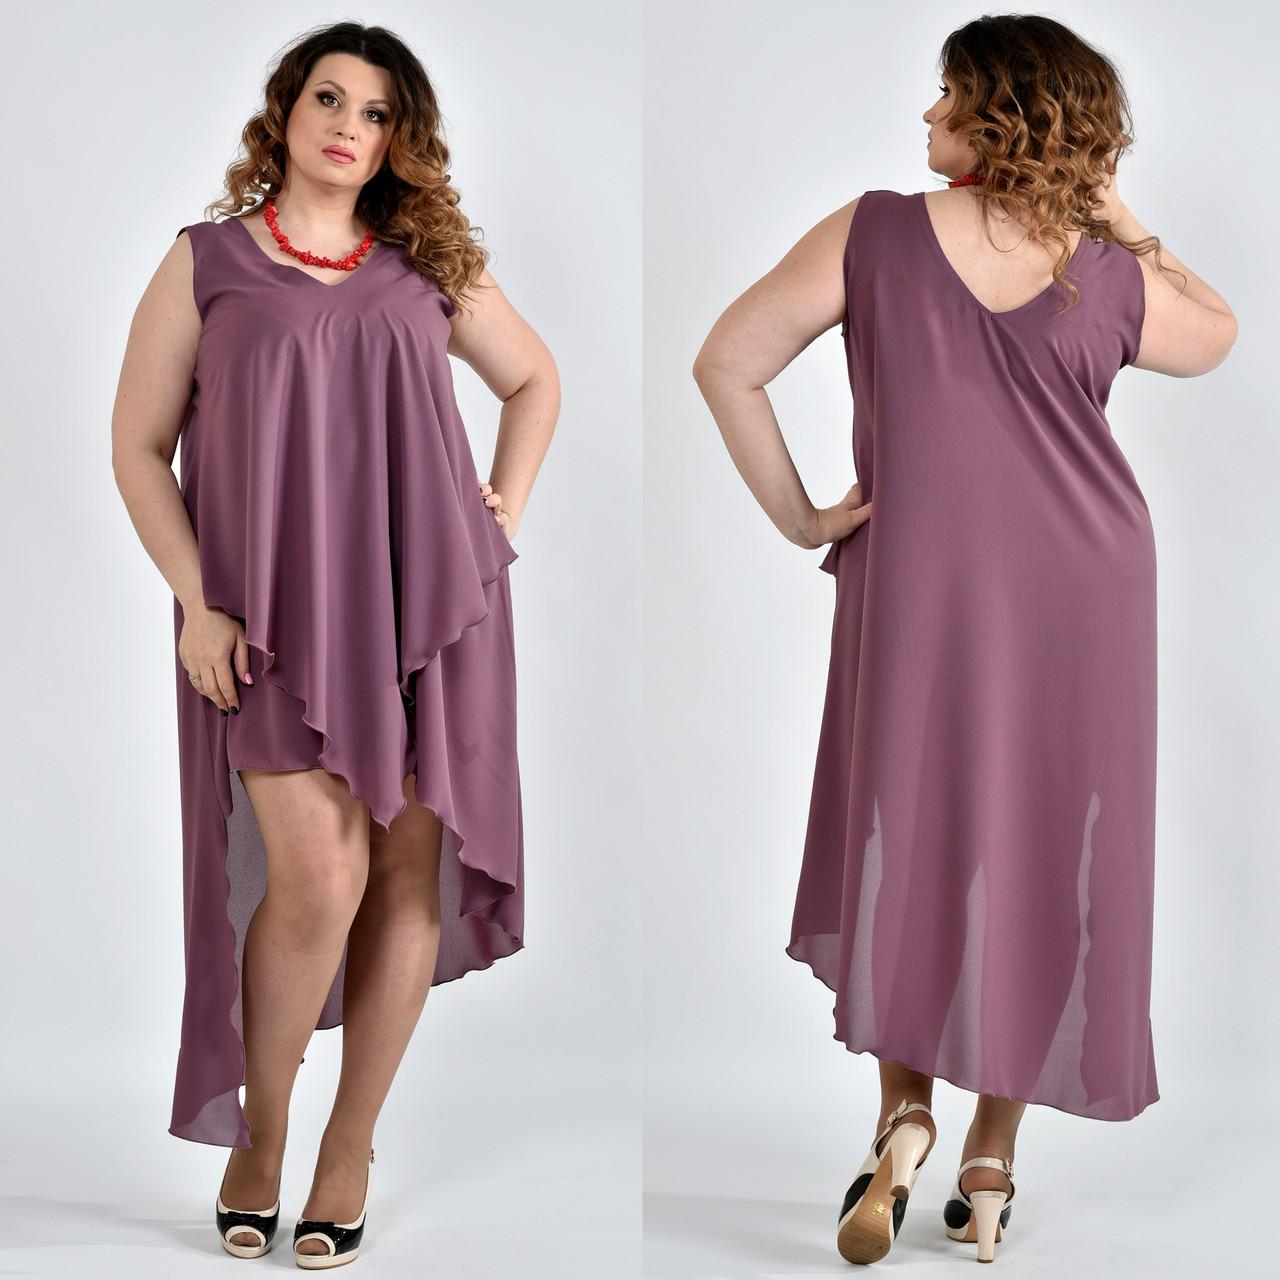 53d3266ce938410 Шифоновое платье больших размеров 0515 сливовое - V Mode, прямой поставщик  женской одежды в Харькове